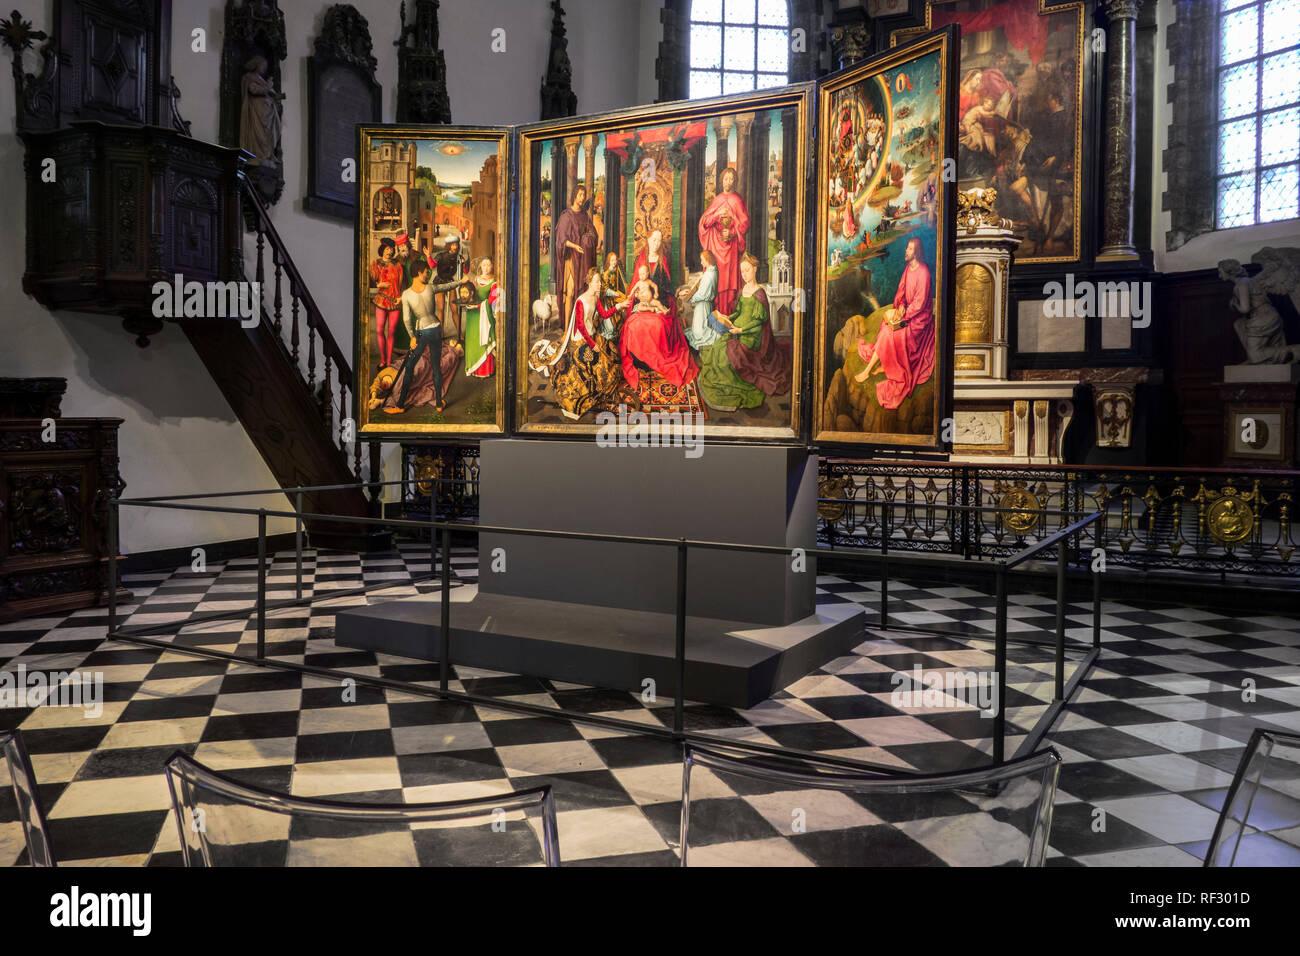 Portail Des Flandres Salome st john altarpiece photos & st john altarpiece images - alamy